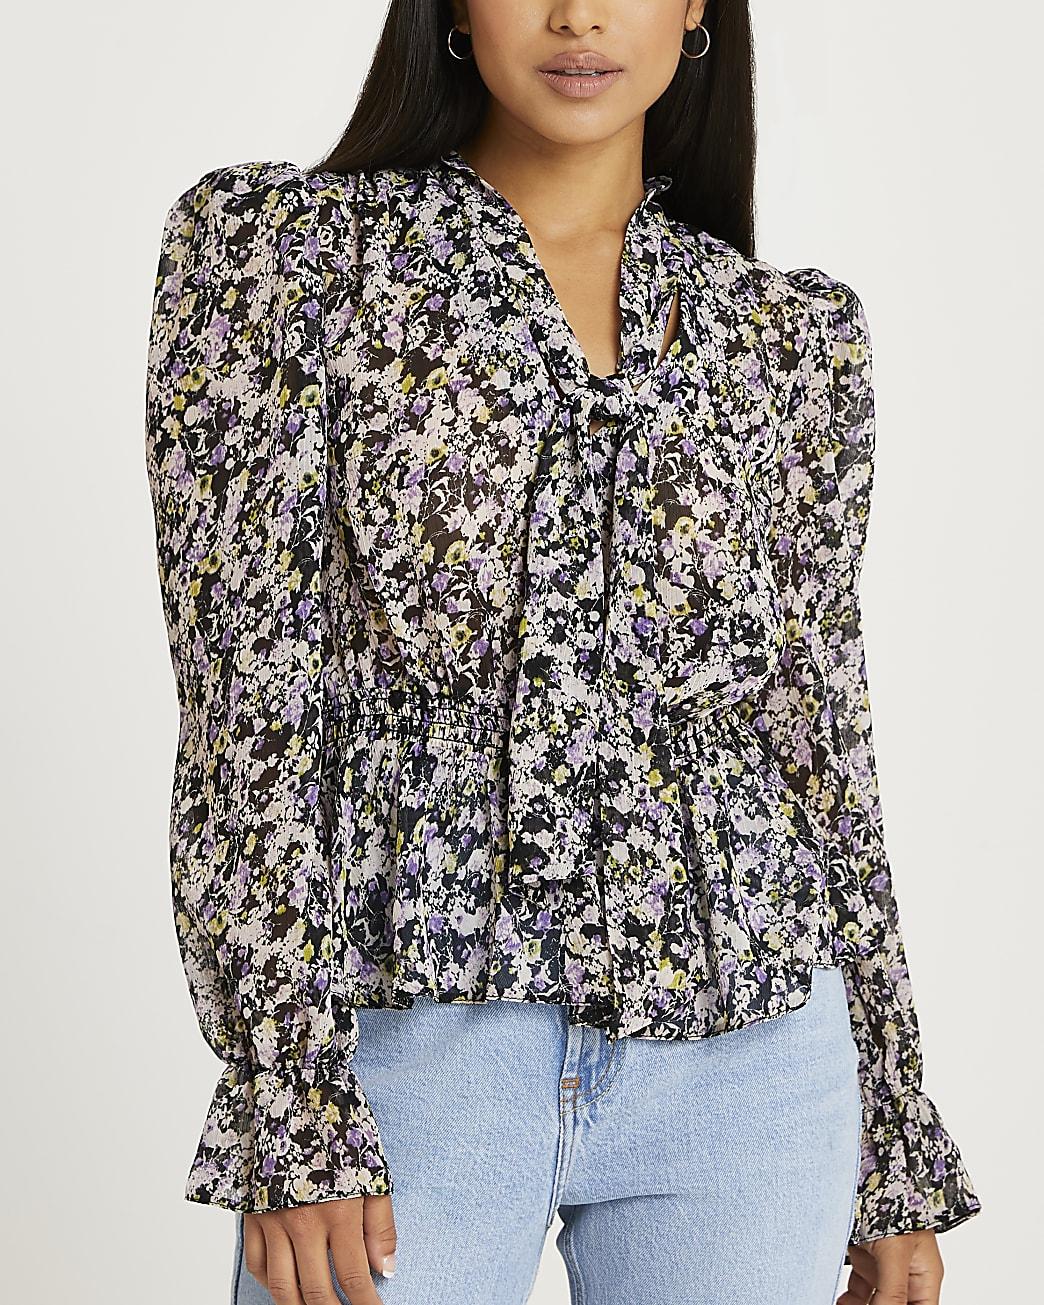 Petite black floral tie neck blouse